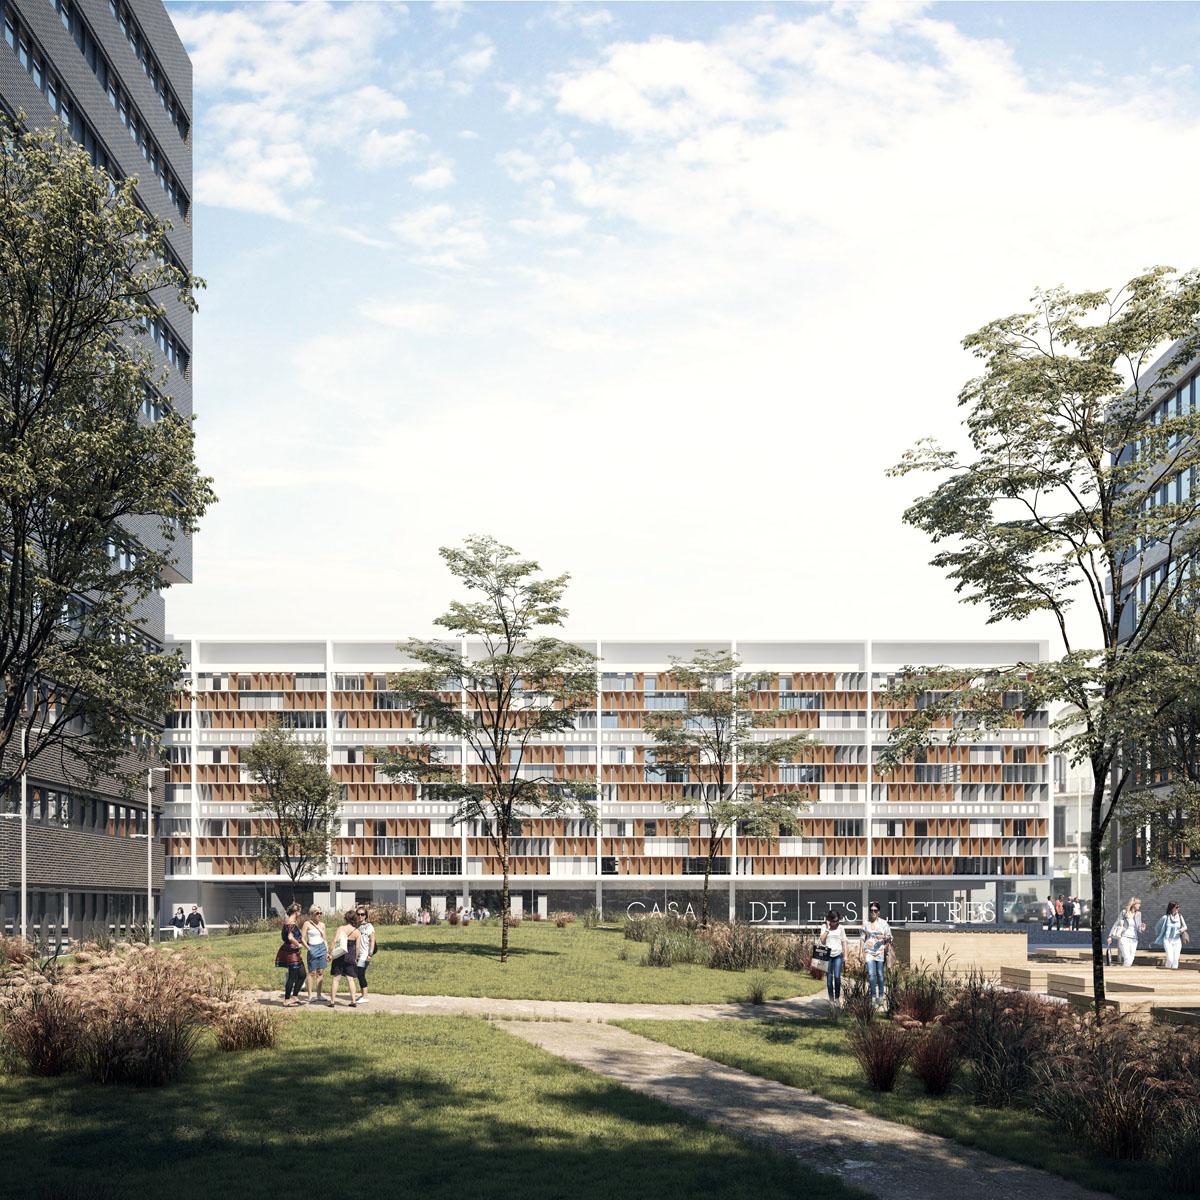 """Concurs nou edifici corporatiu """"Casa de les Lletres"""" a Barcelona"""